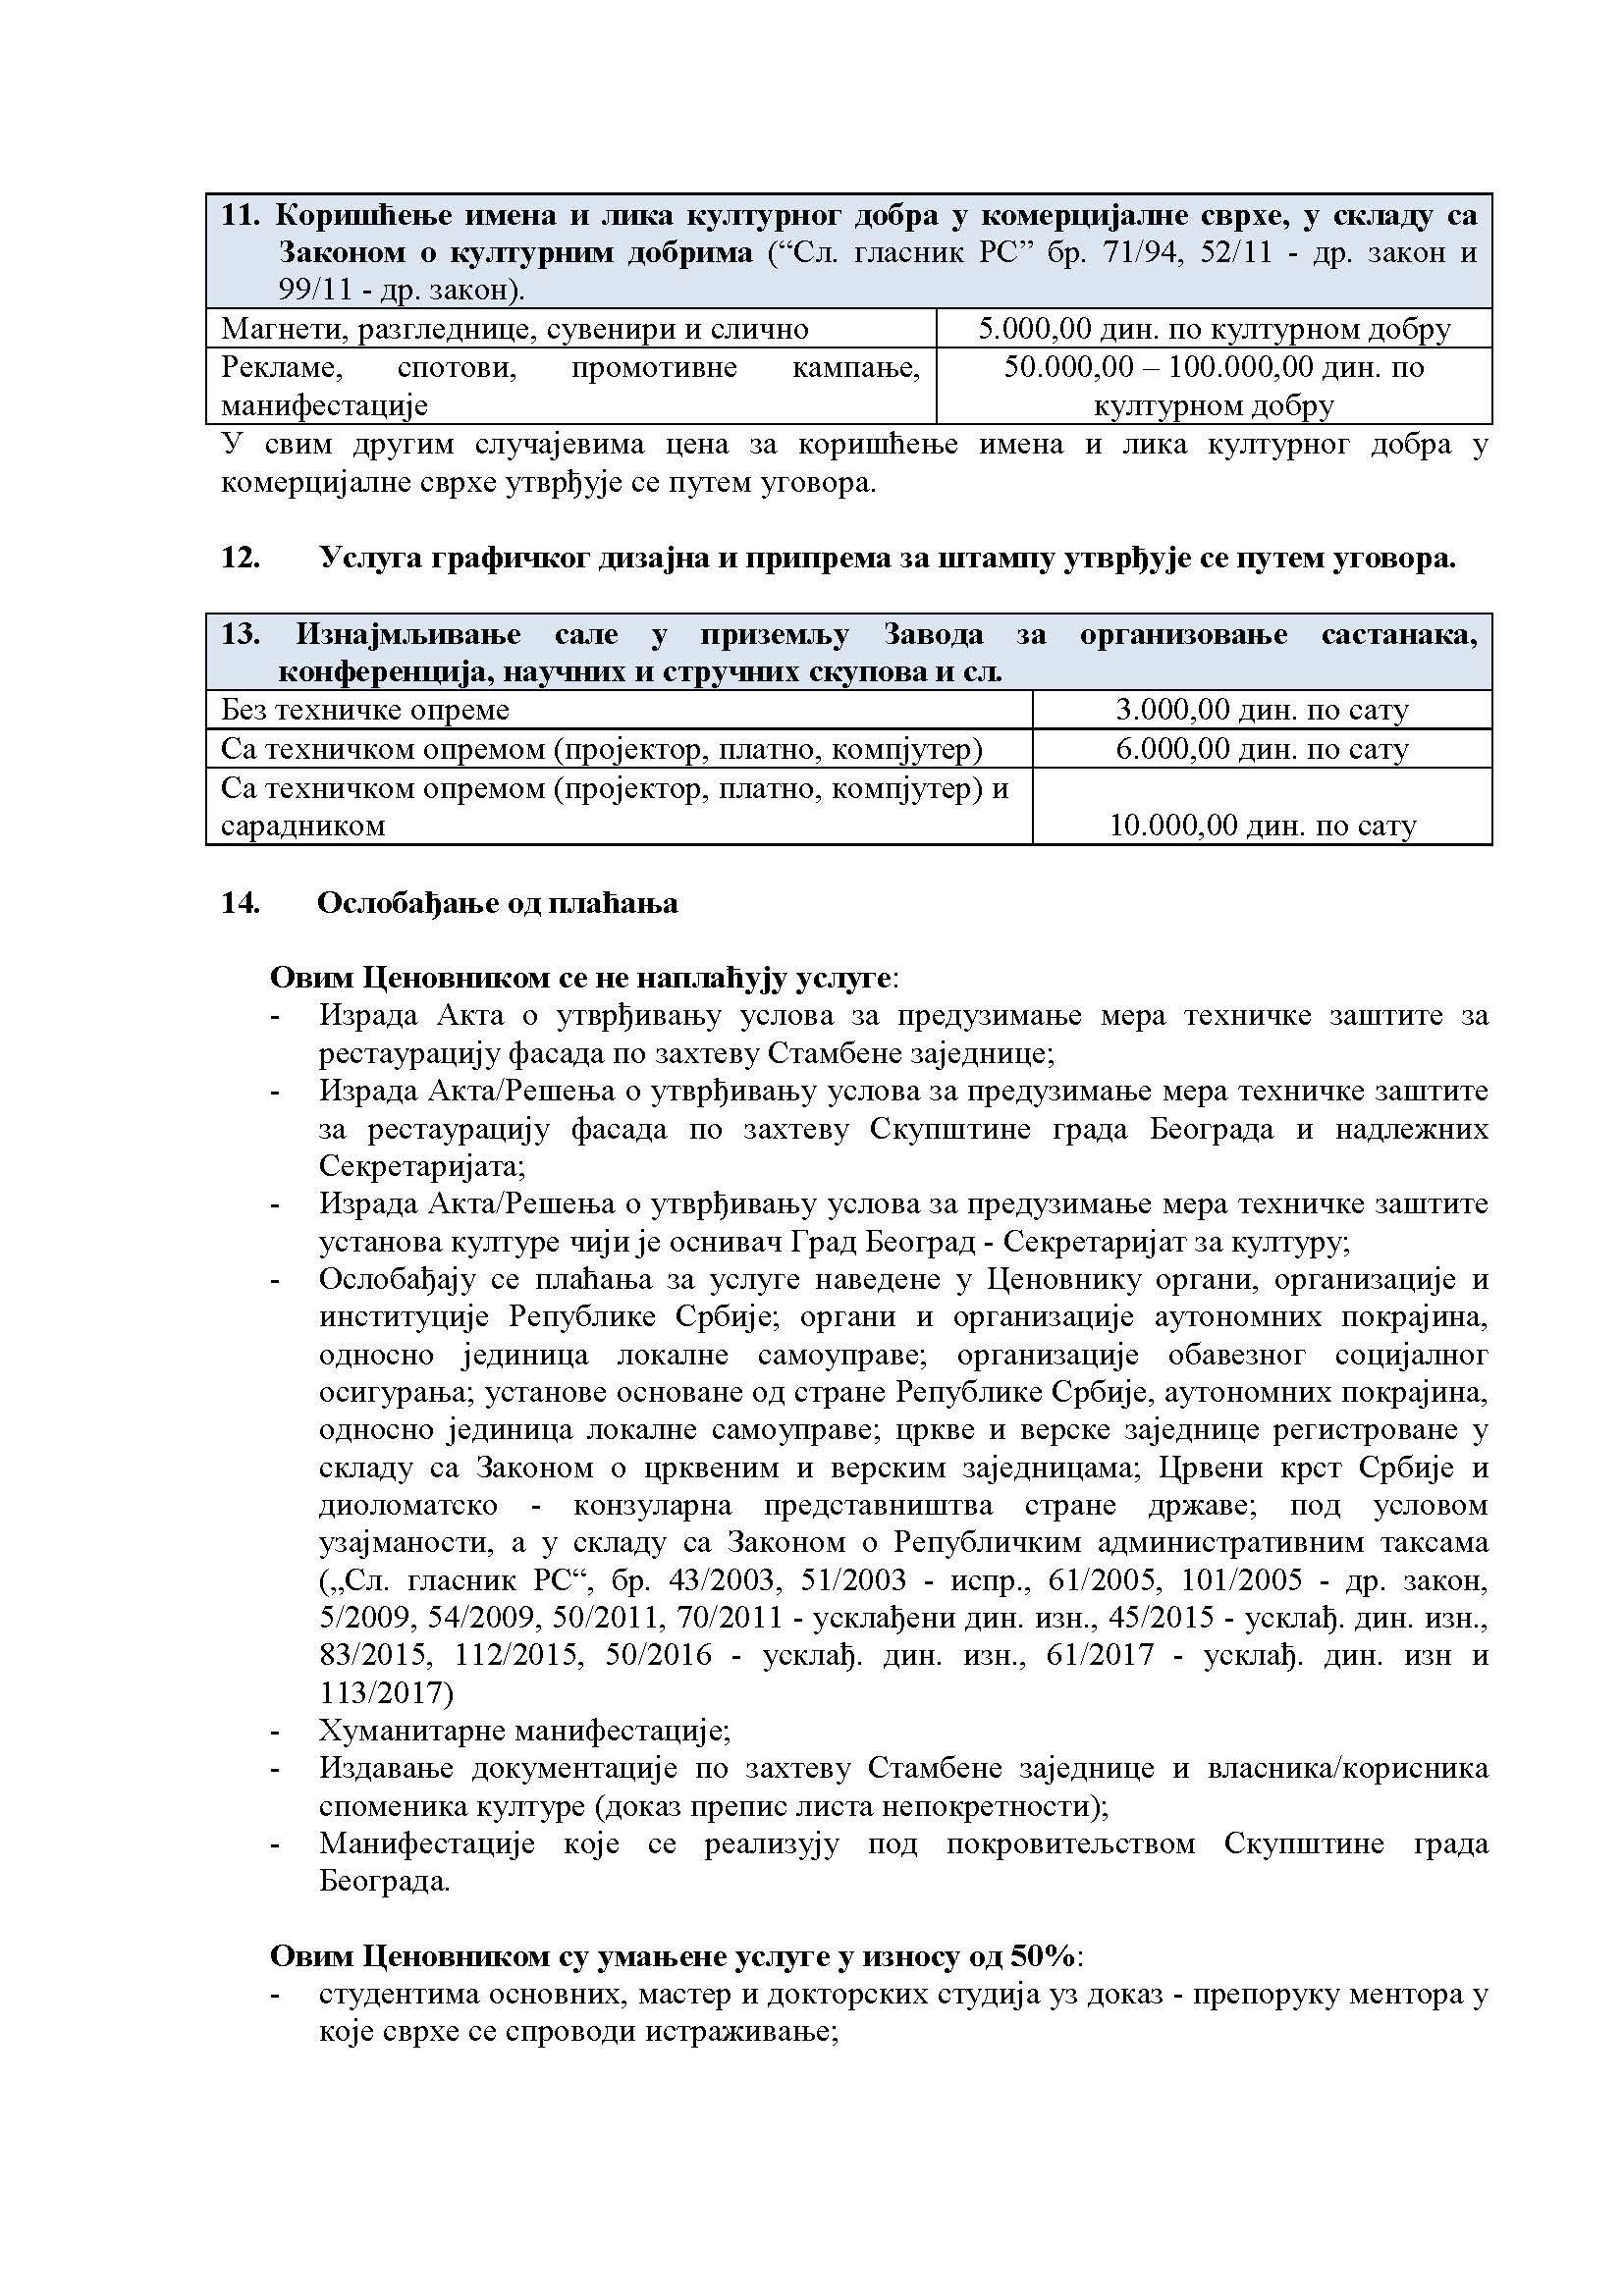 Cenovnik 23.02.2018_Page_8